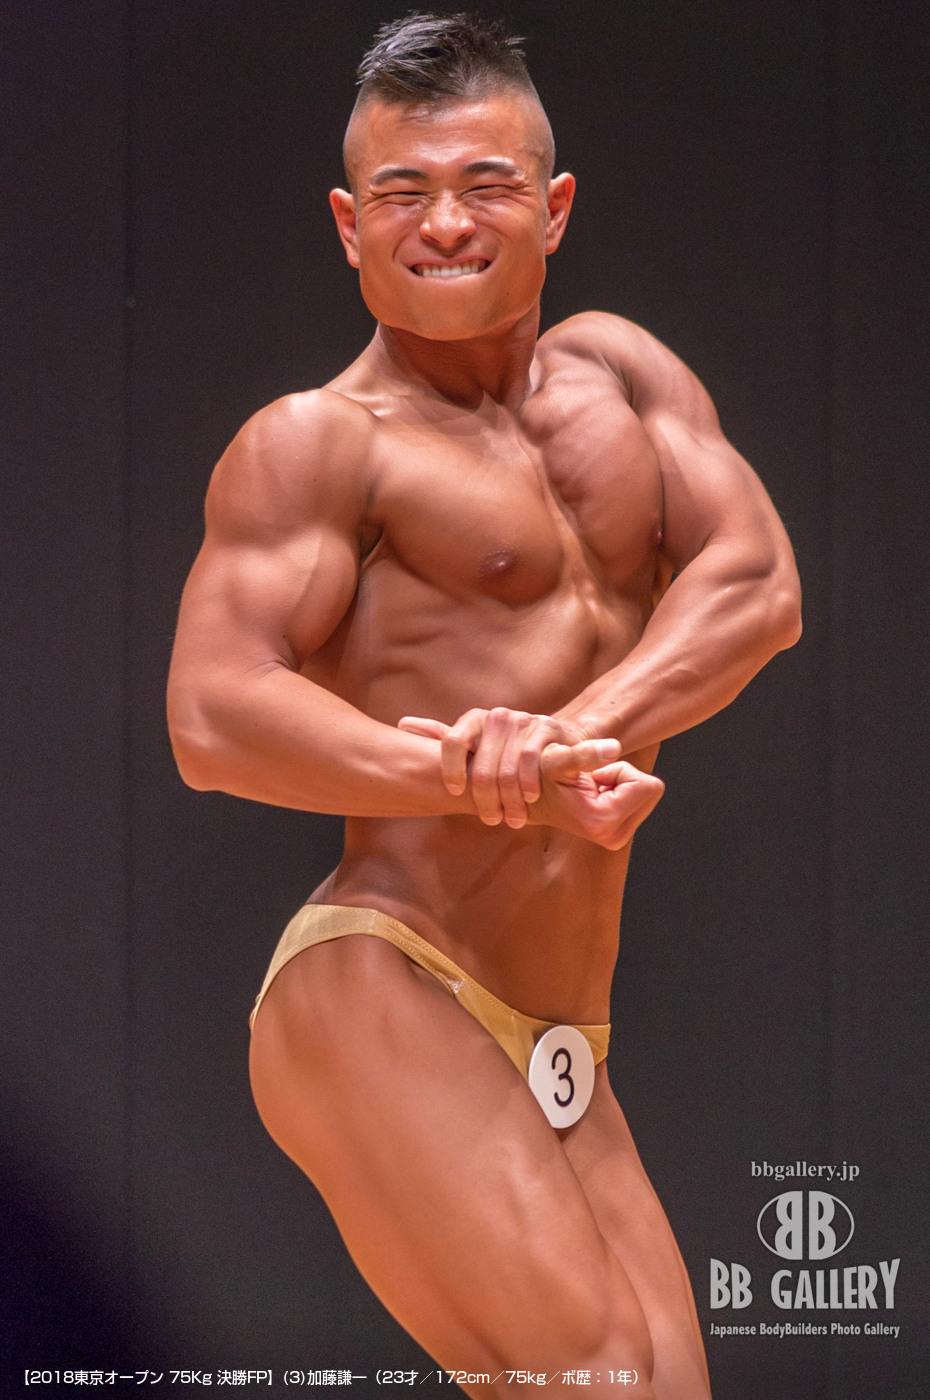 【2018東京オープン 75Kg 決勝FP】(3)加藤謙一(23才/172cm/75kg/ボ歴:1年)